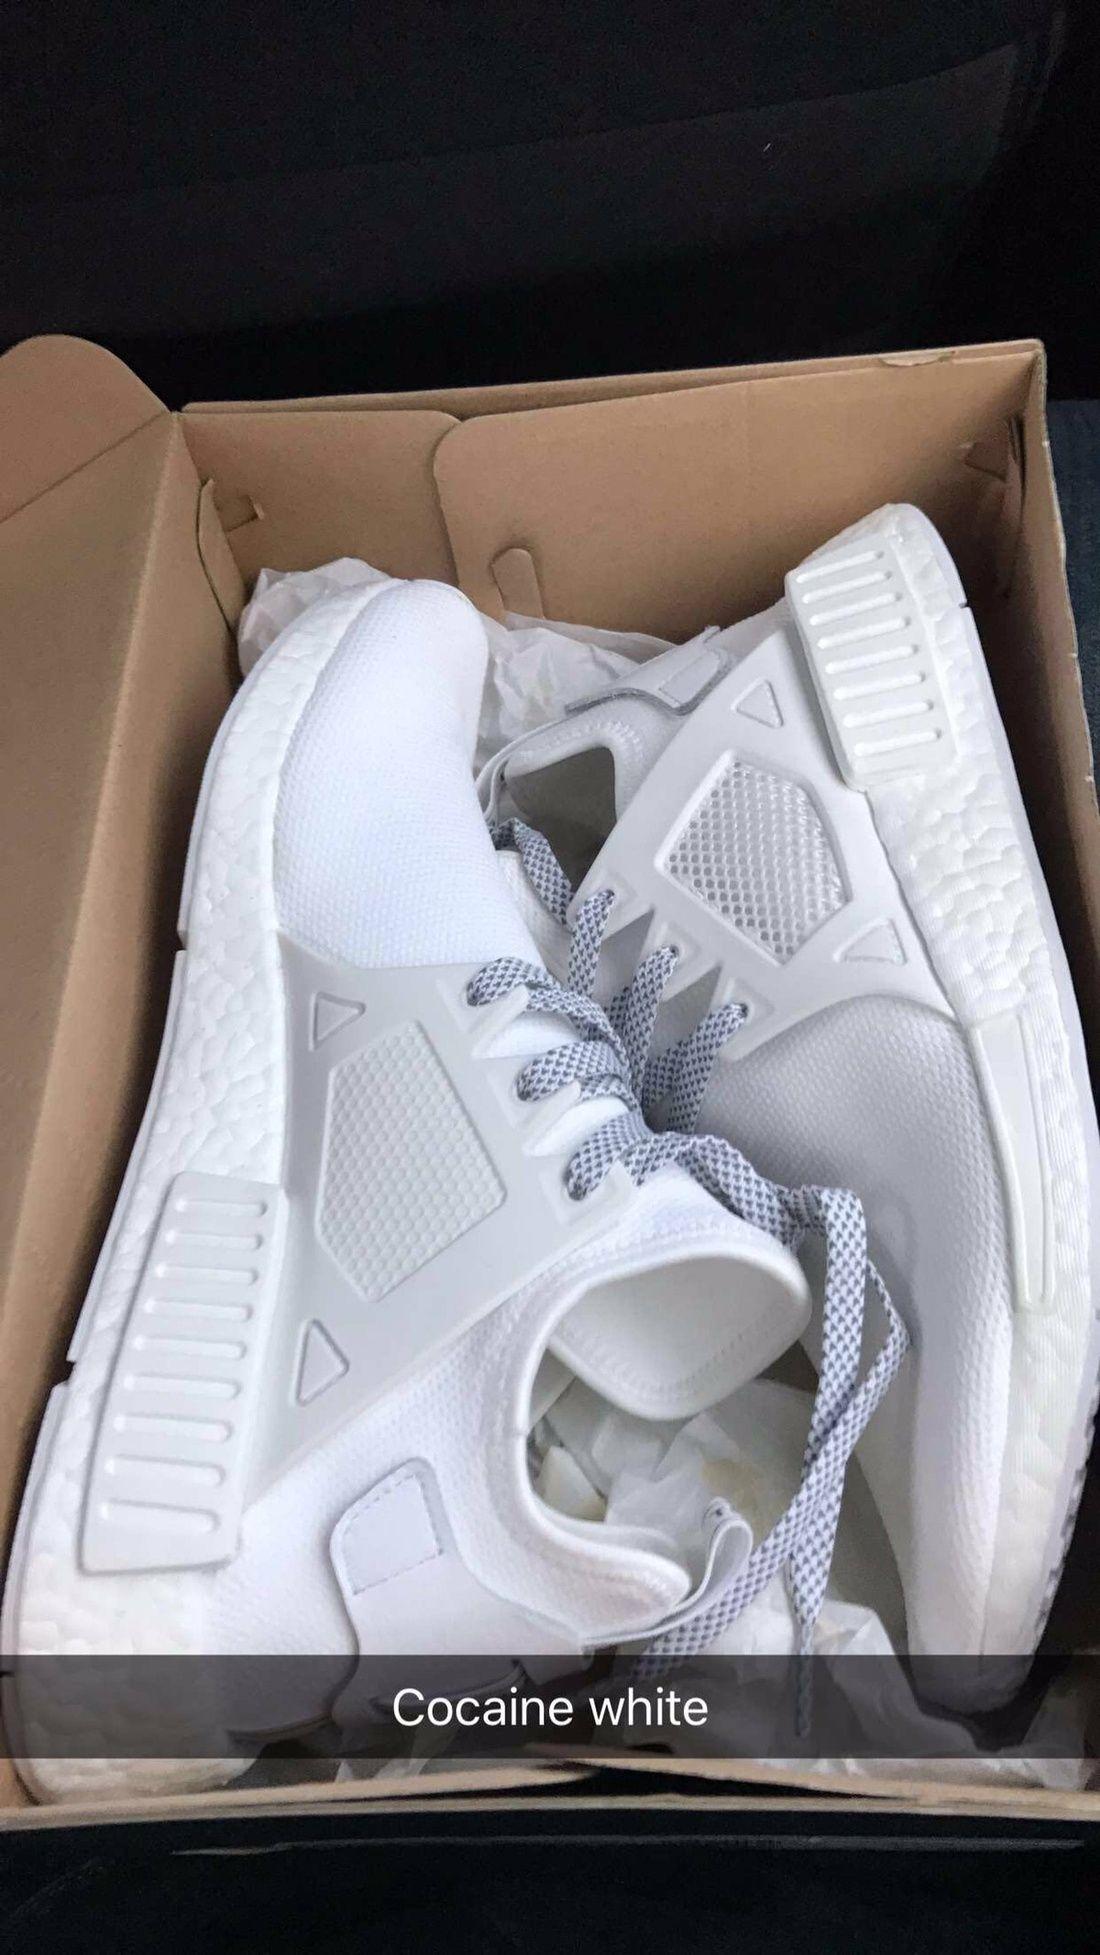 Adidas Adidas NMD xr1 Size US 9.5 / EU